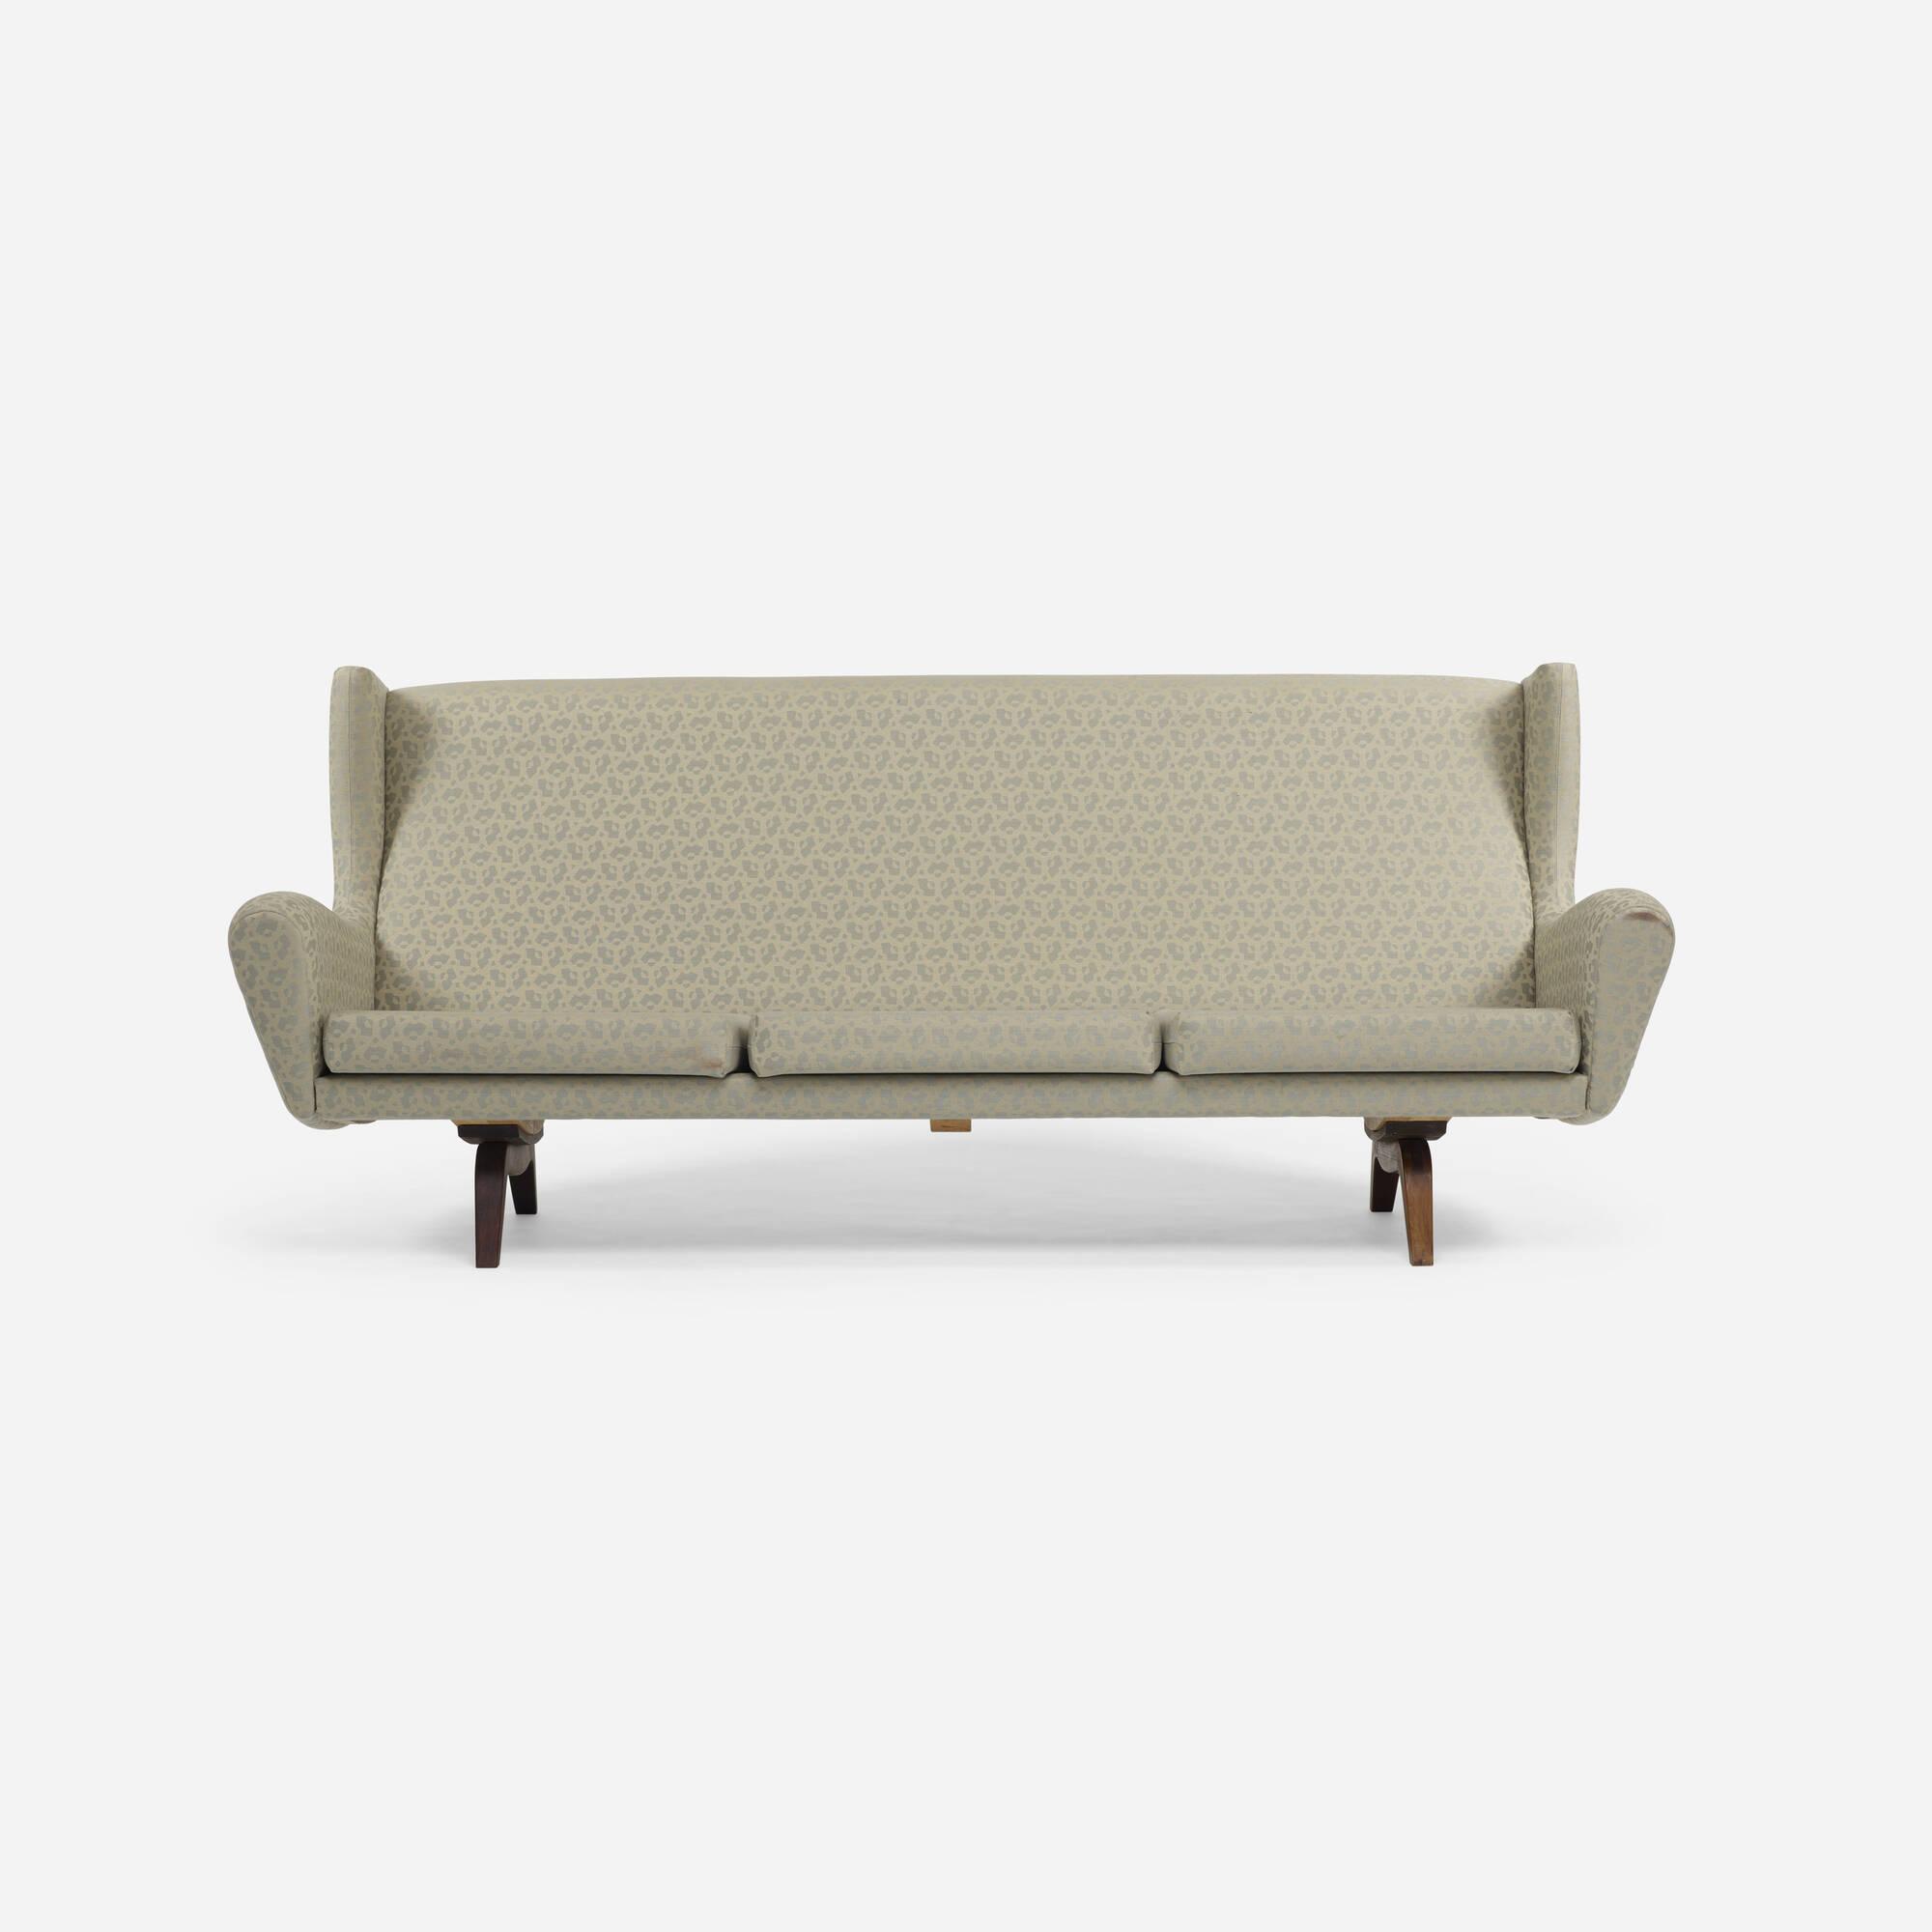 304: Illum Wikkelsø / sofa, model 110 (1 of 4)